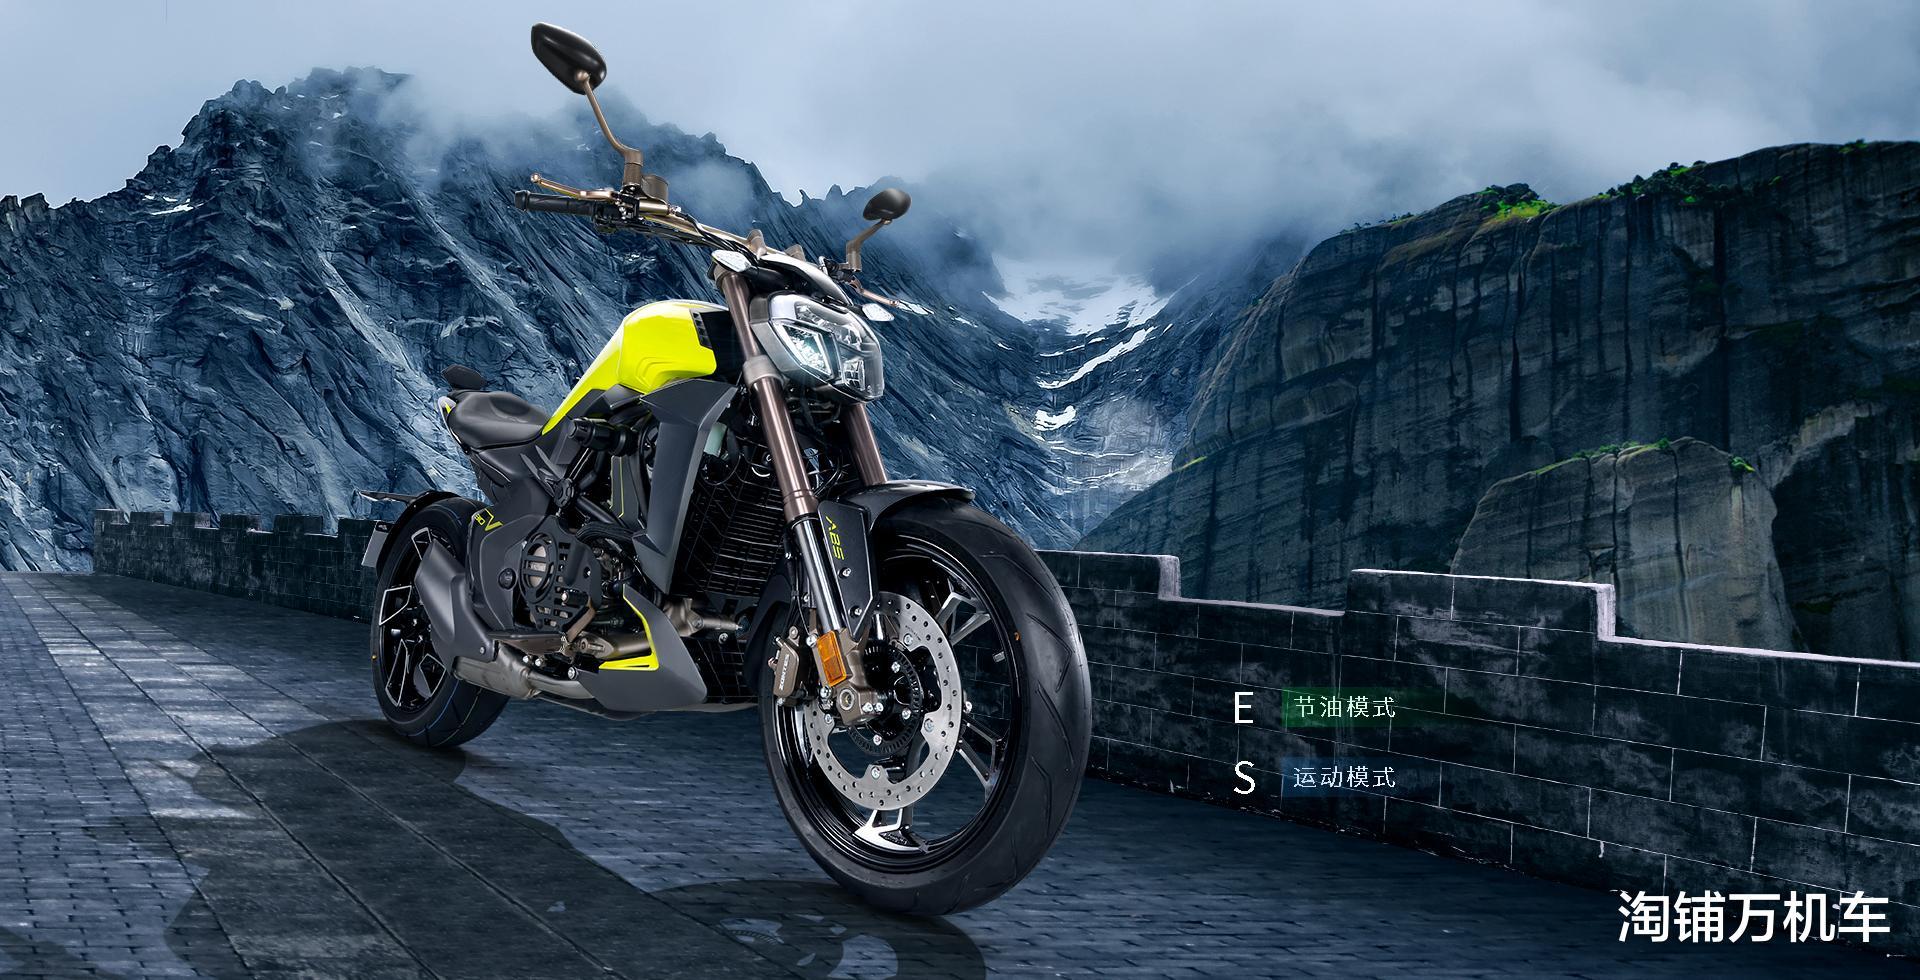 單搖臂科幻太子 升仕310V1正式上市 售價27800元-圖10